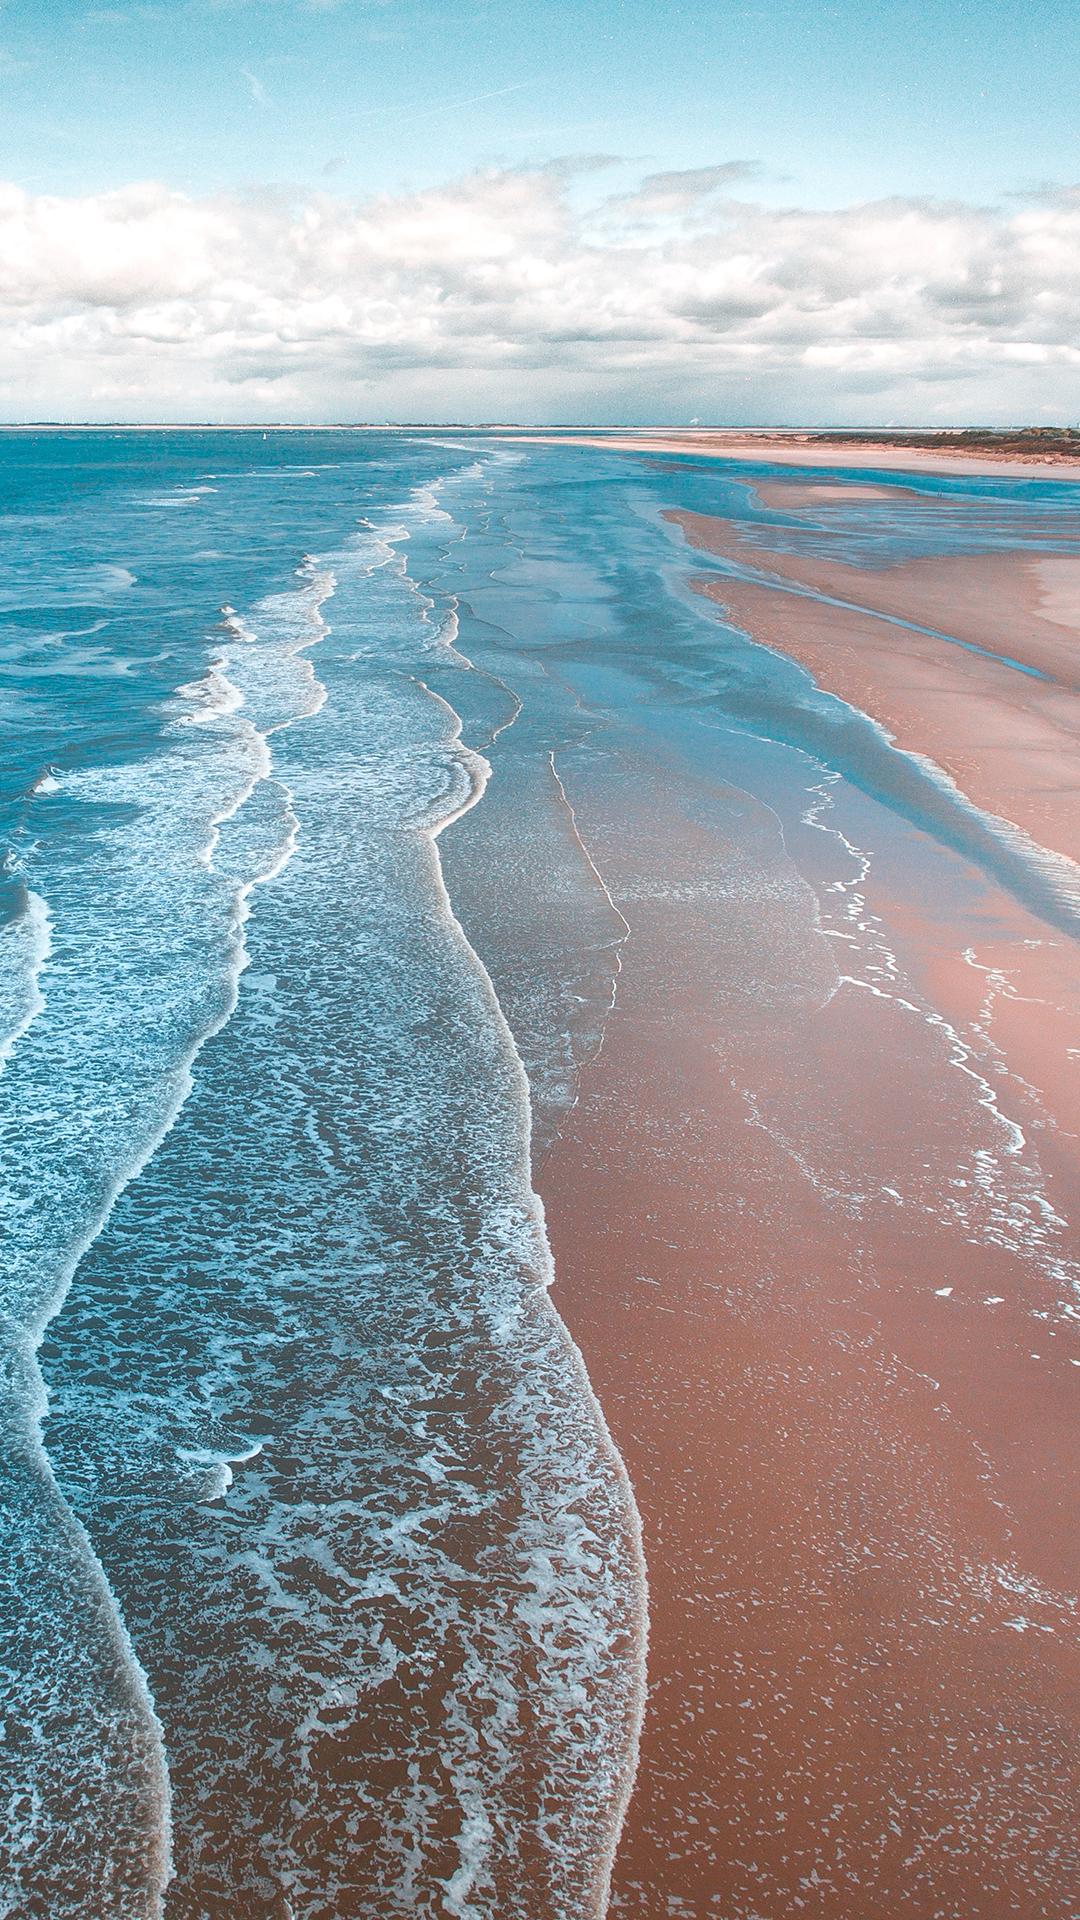 海滩 海浪 风景 海岸线 苹果手机高清壁纸 1080x1920